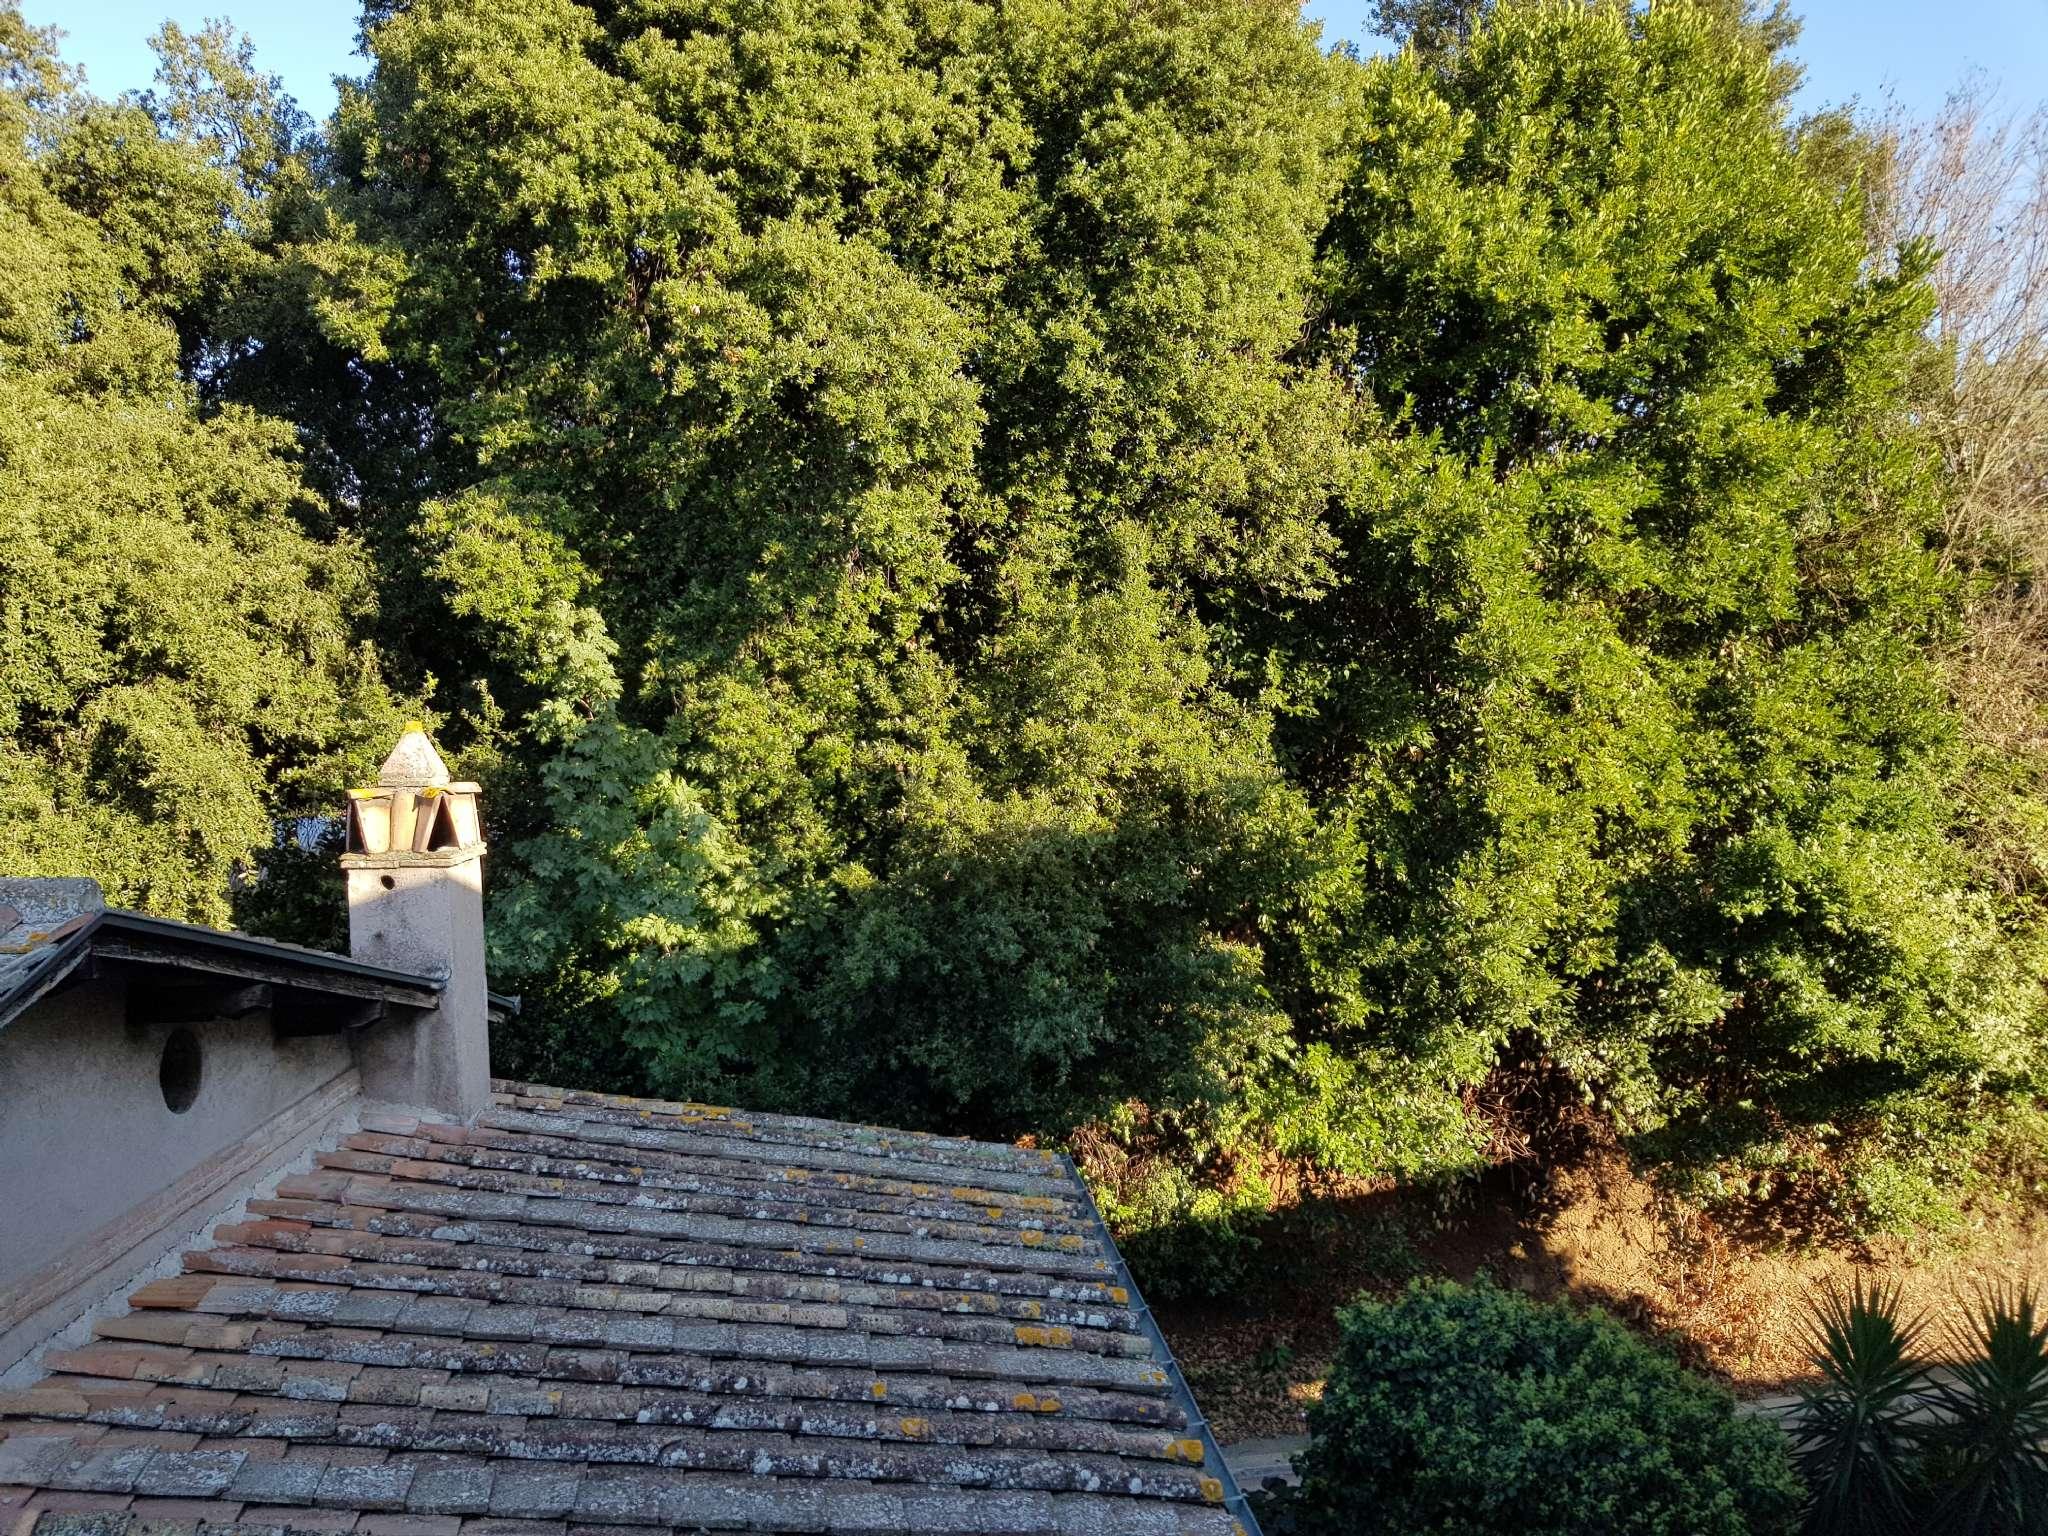 Attico / Mansarda in vendita a Roma, 4 locali, zona Zona: 18 . Ardeatino - Grotta Perfetta - Fonte Meravigliosa, prezzo € 430.000 | CambioCasa.it